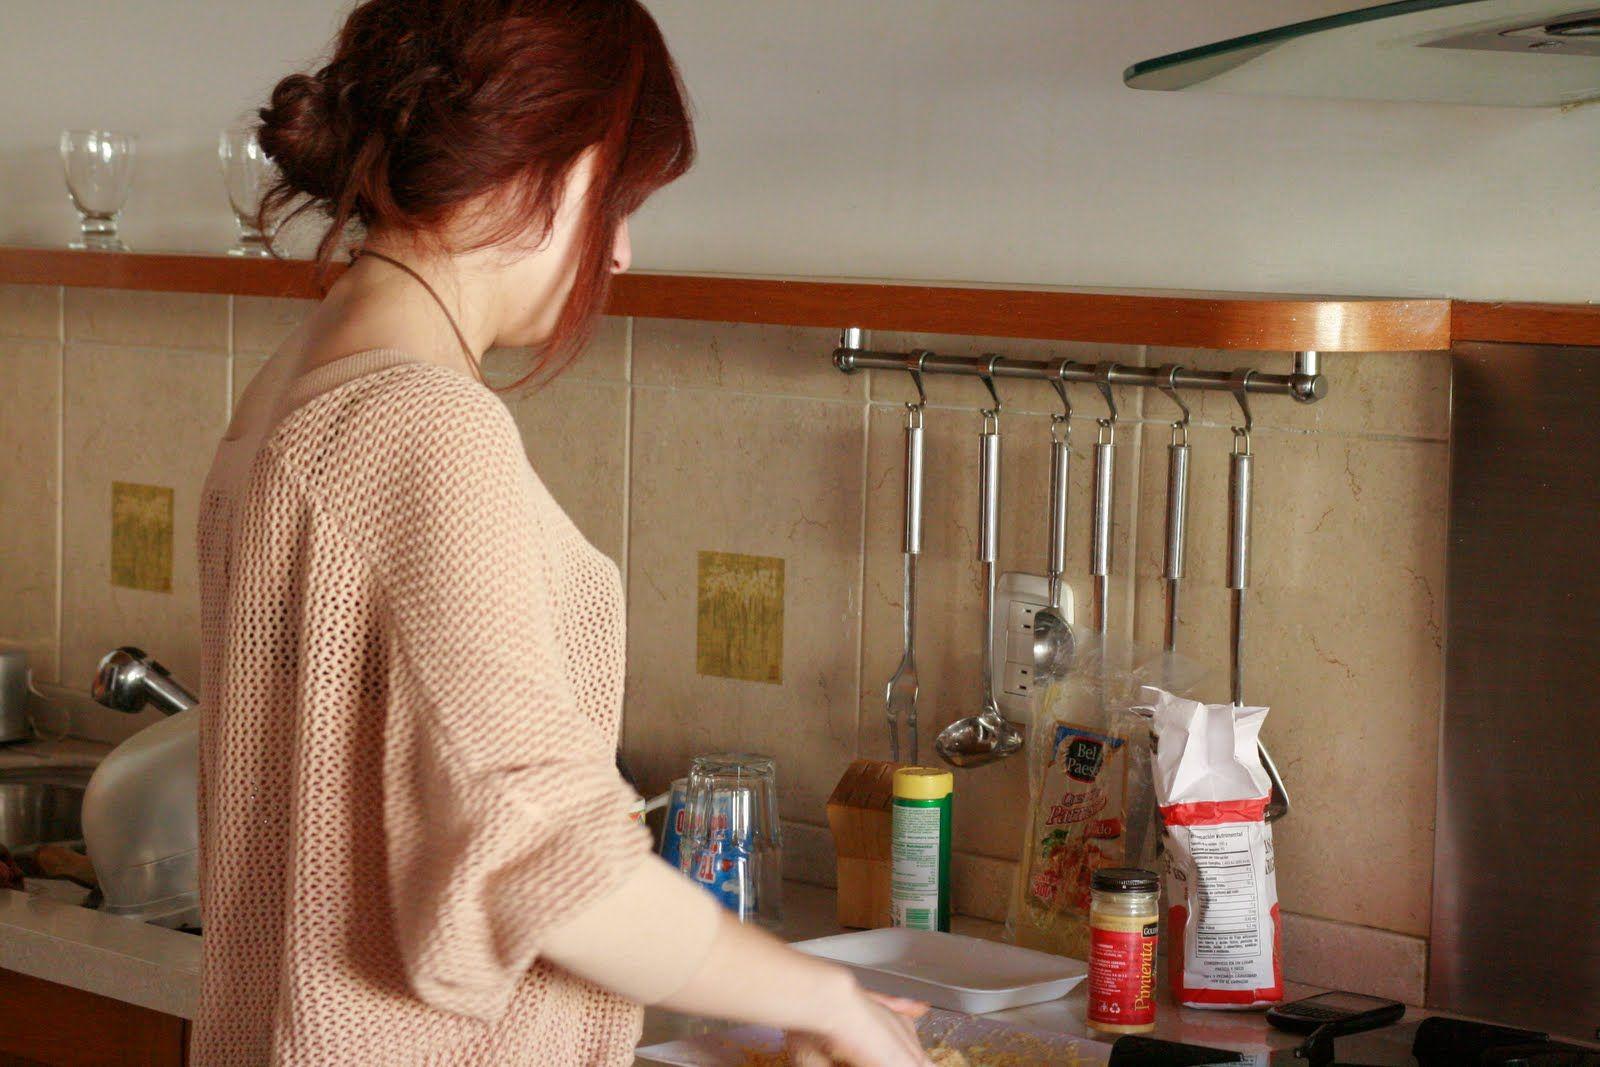 Preparación de comidas